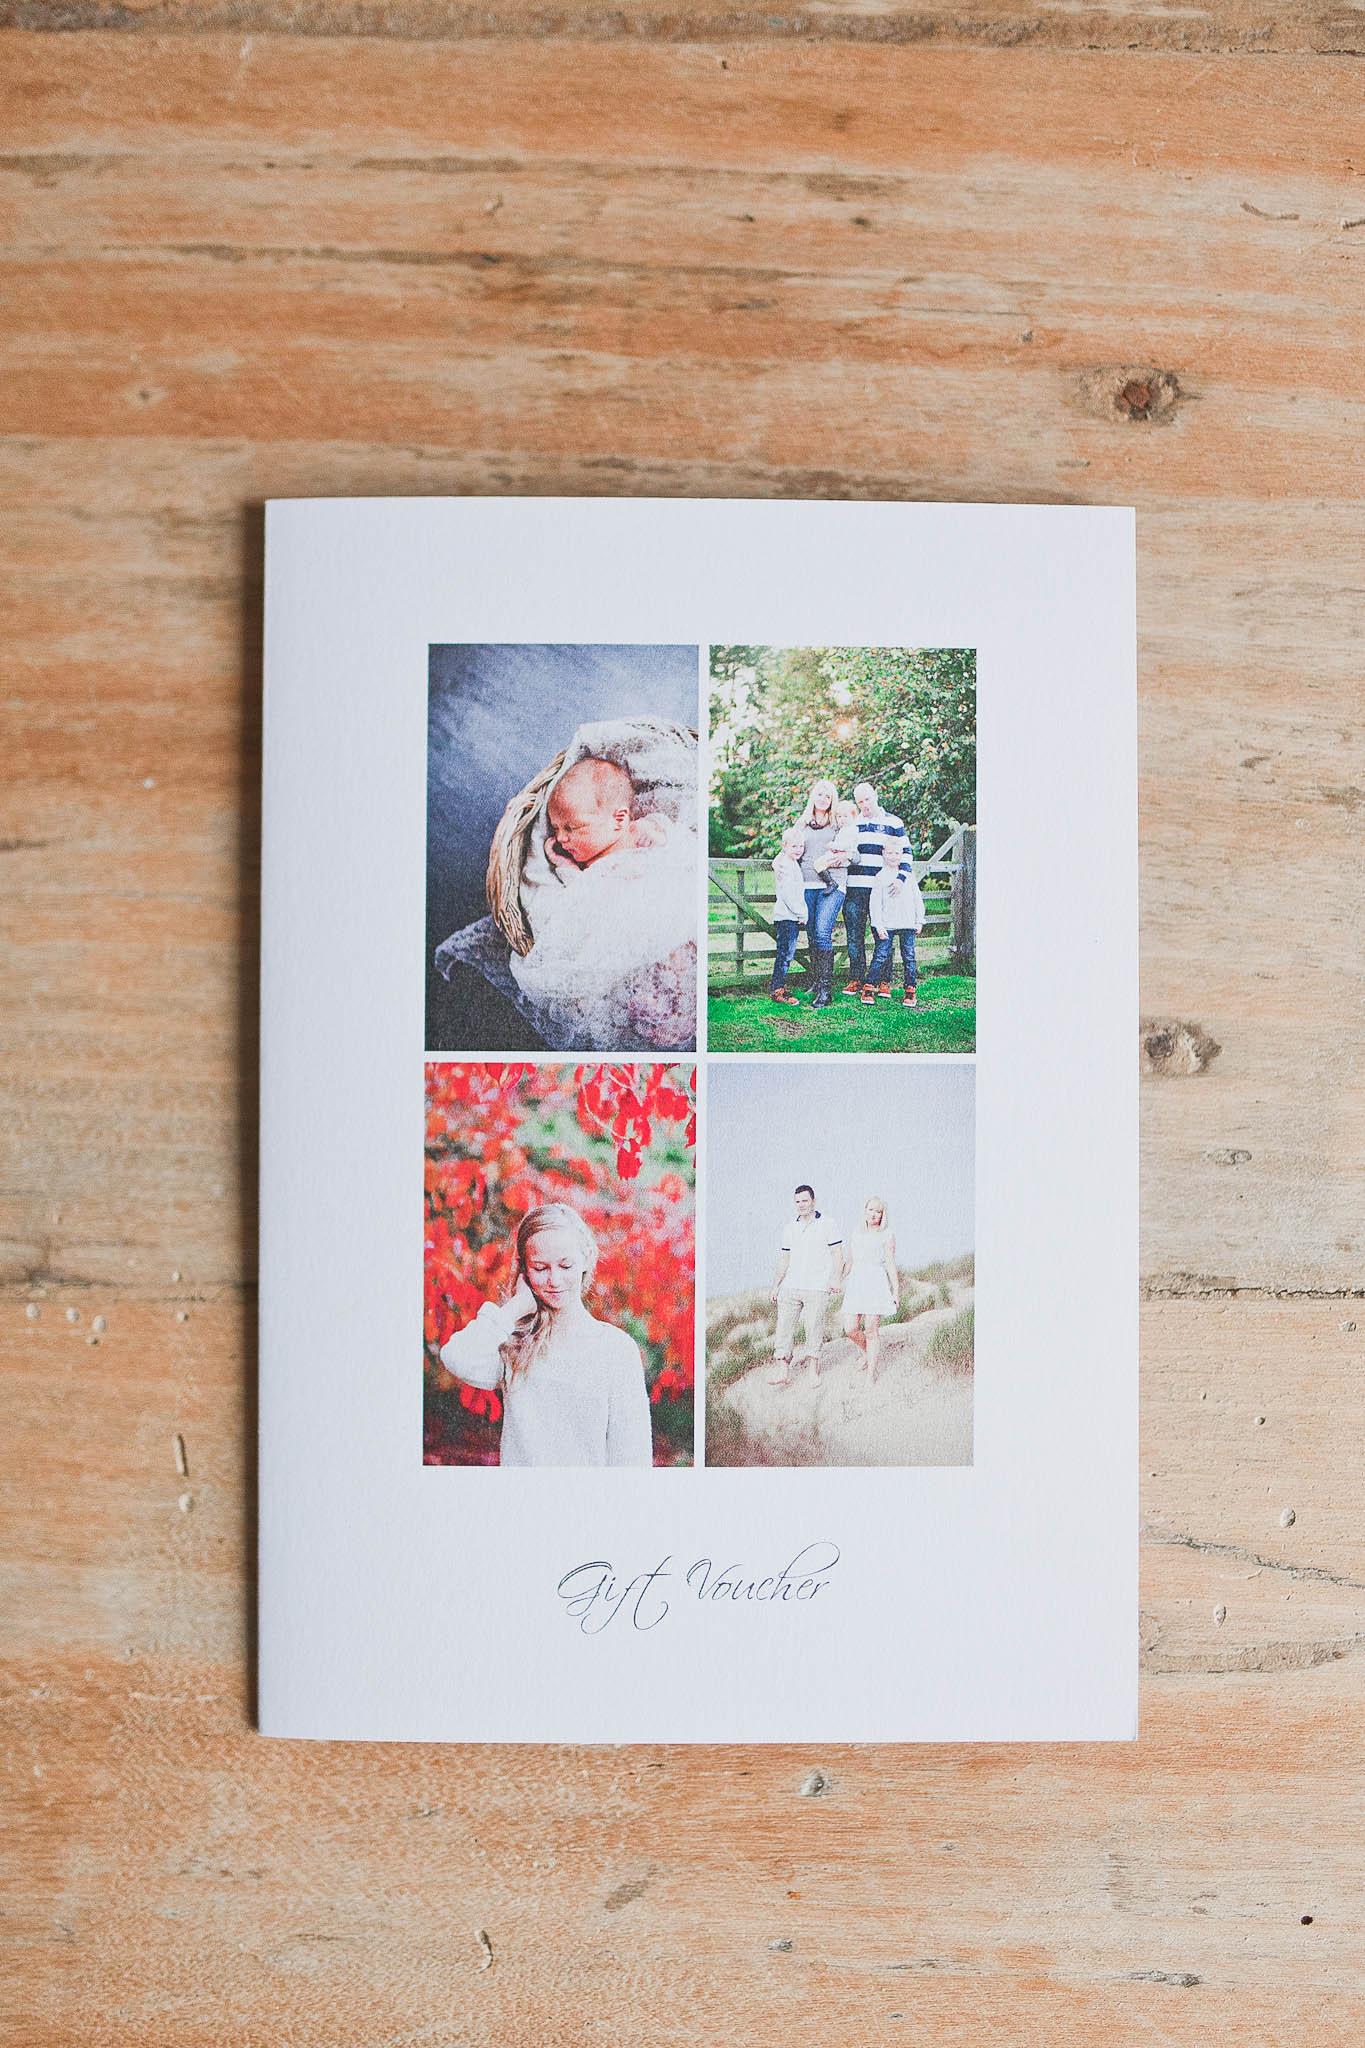 photoshoot-gift-vouchers-2.jpg